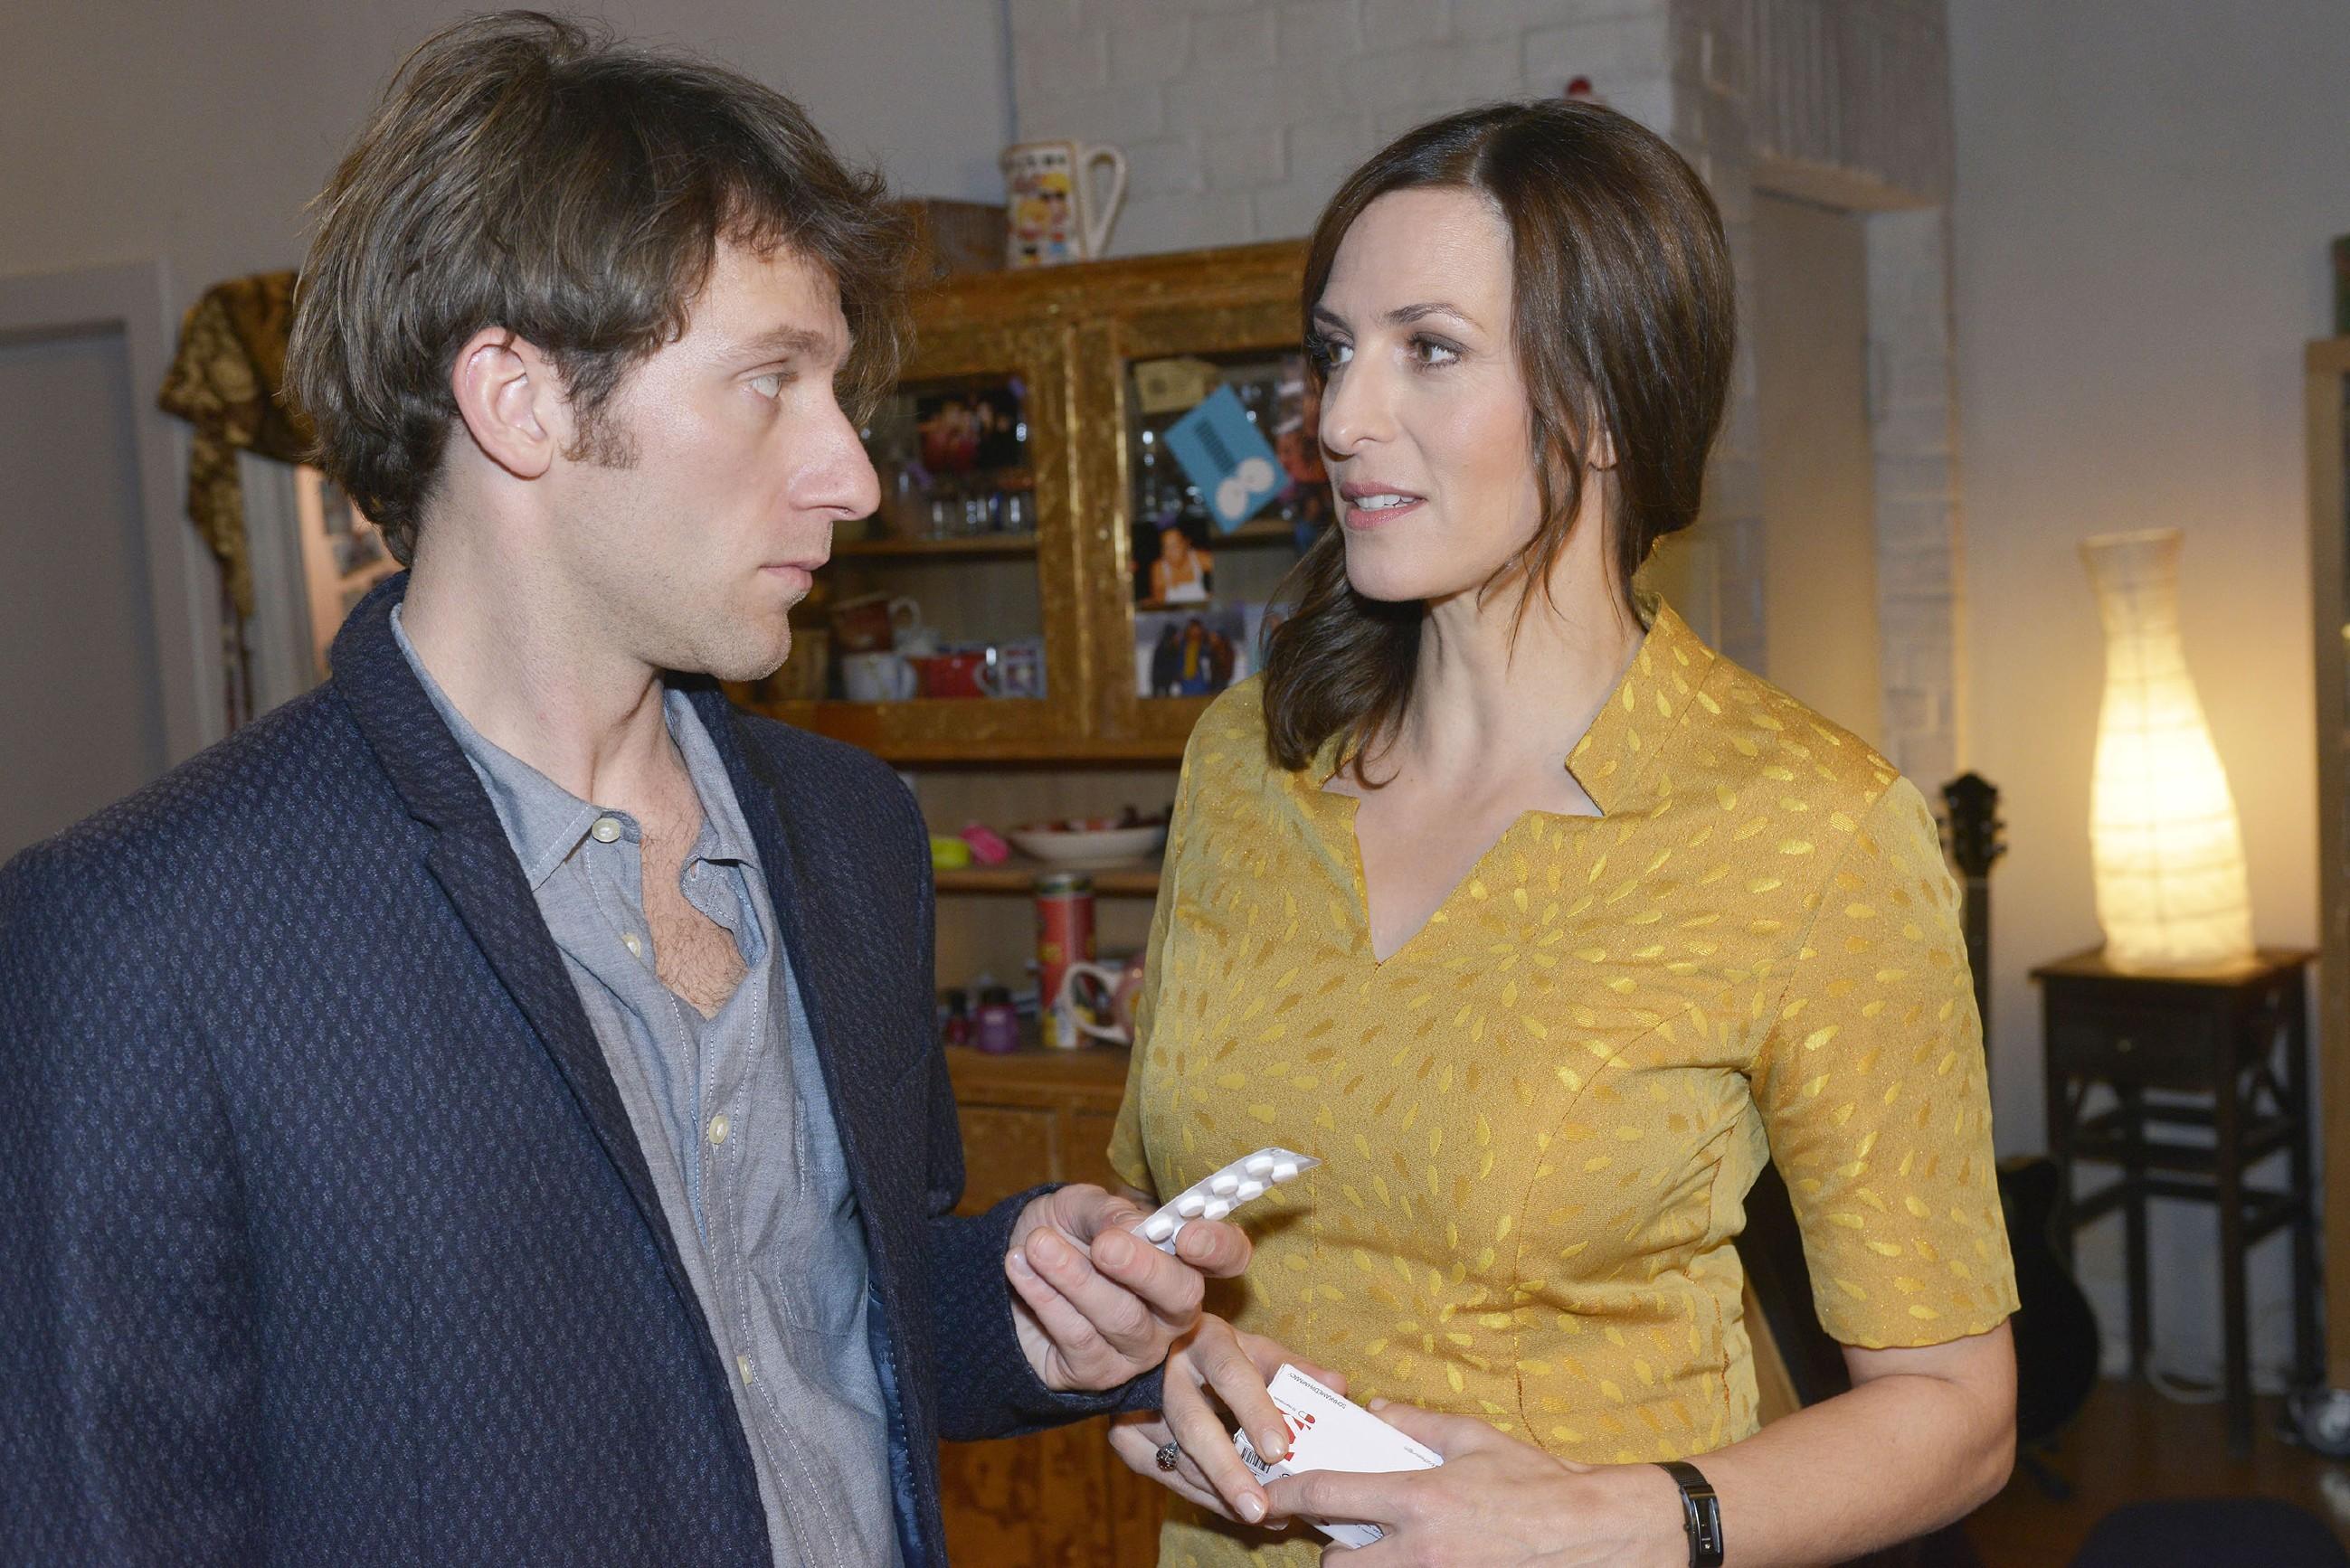 Gemeinsam mit Katrin hat sich Till (Merlin Leonhardt) das nicht für seine Krankheit zugelassene Medikament verschafft und ist bereit, die Nebenwirkungen der Tabletten in Kauf zu nehmen.